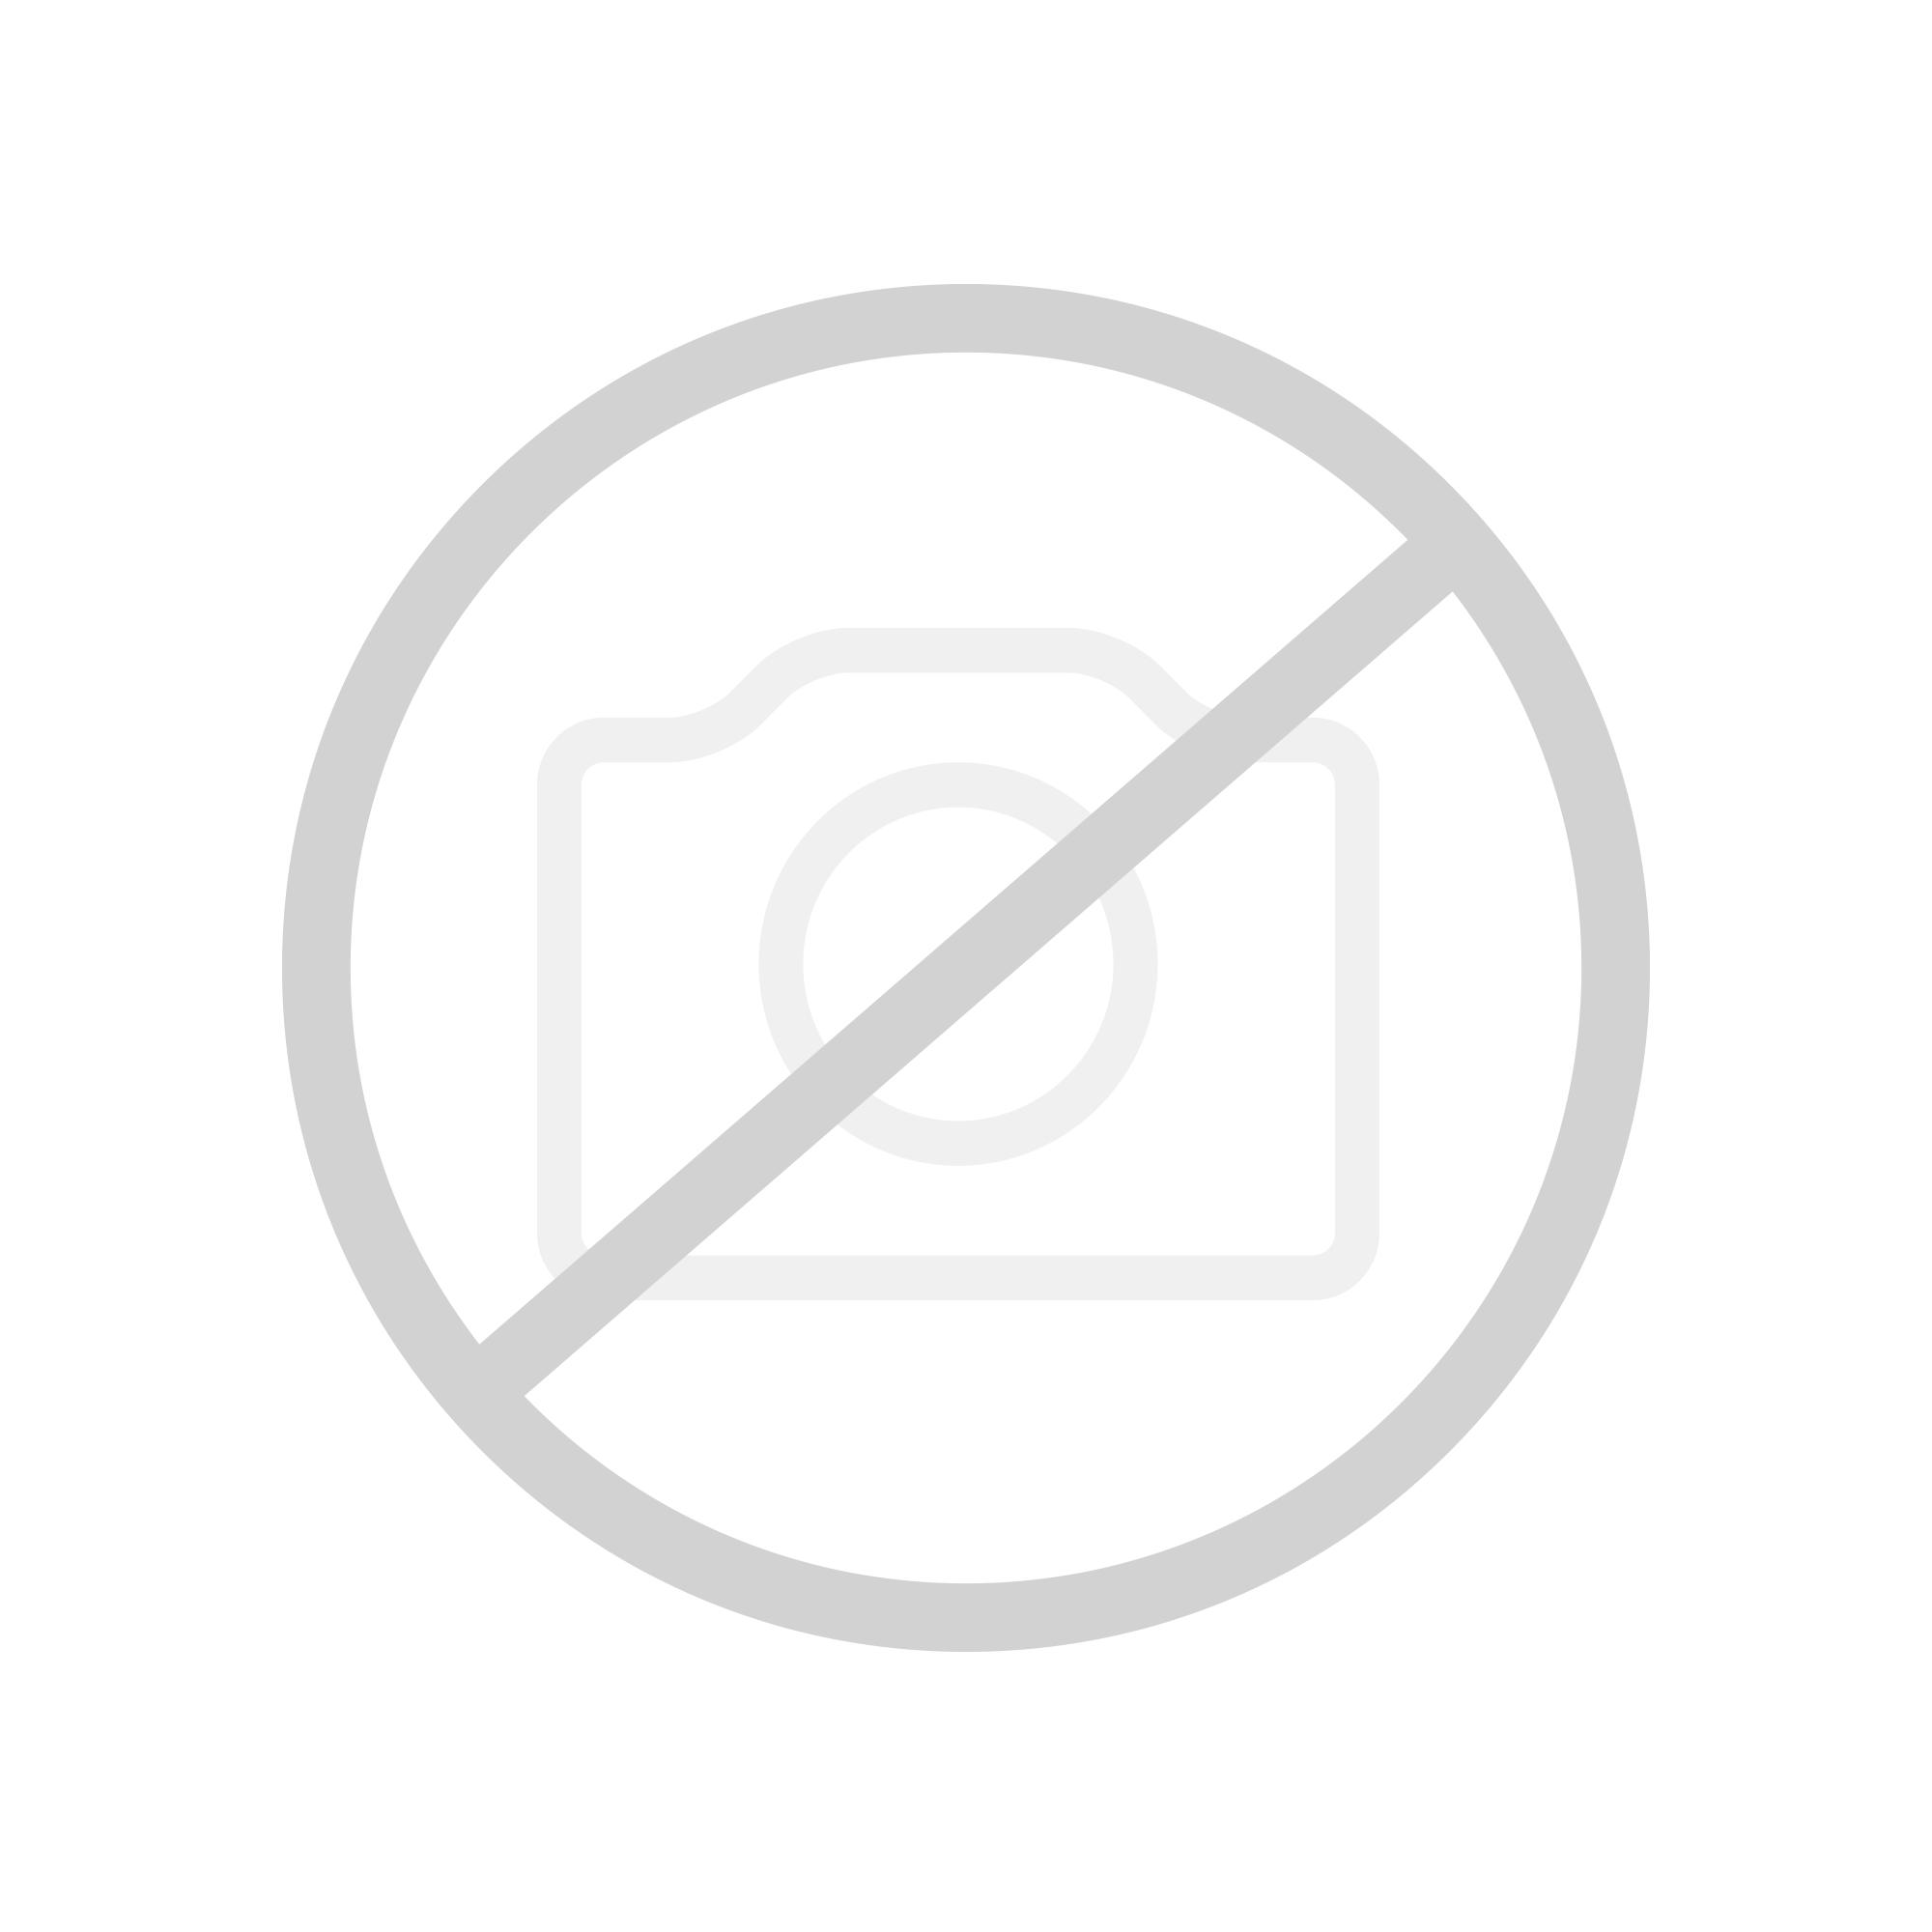 Badaccessoires ohne bohren  Ohne Bohren: Badaccessoires zum Kleben | REUTER Magazin